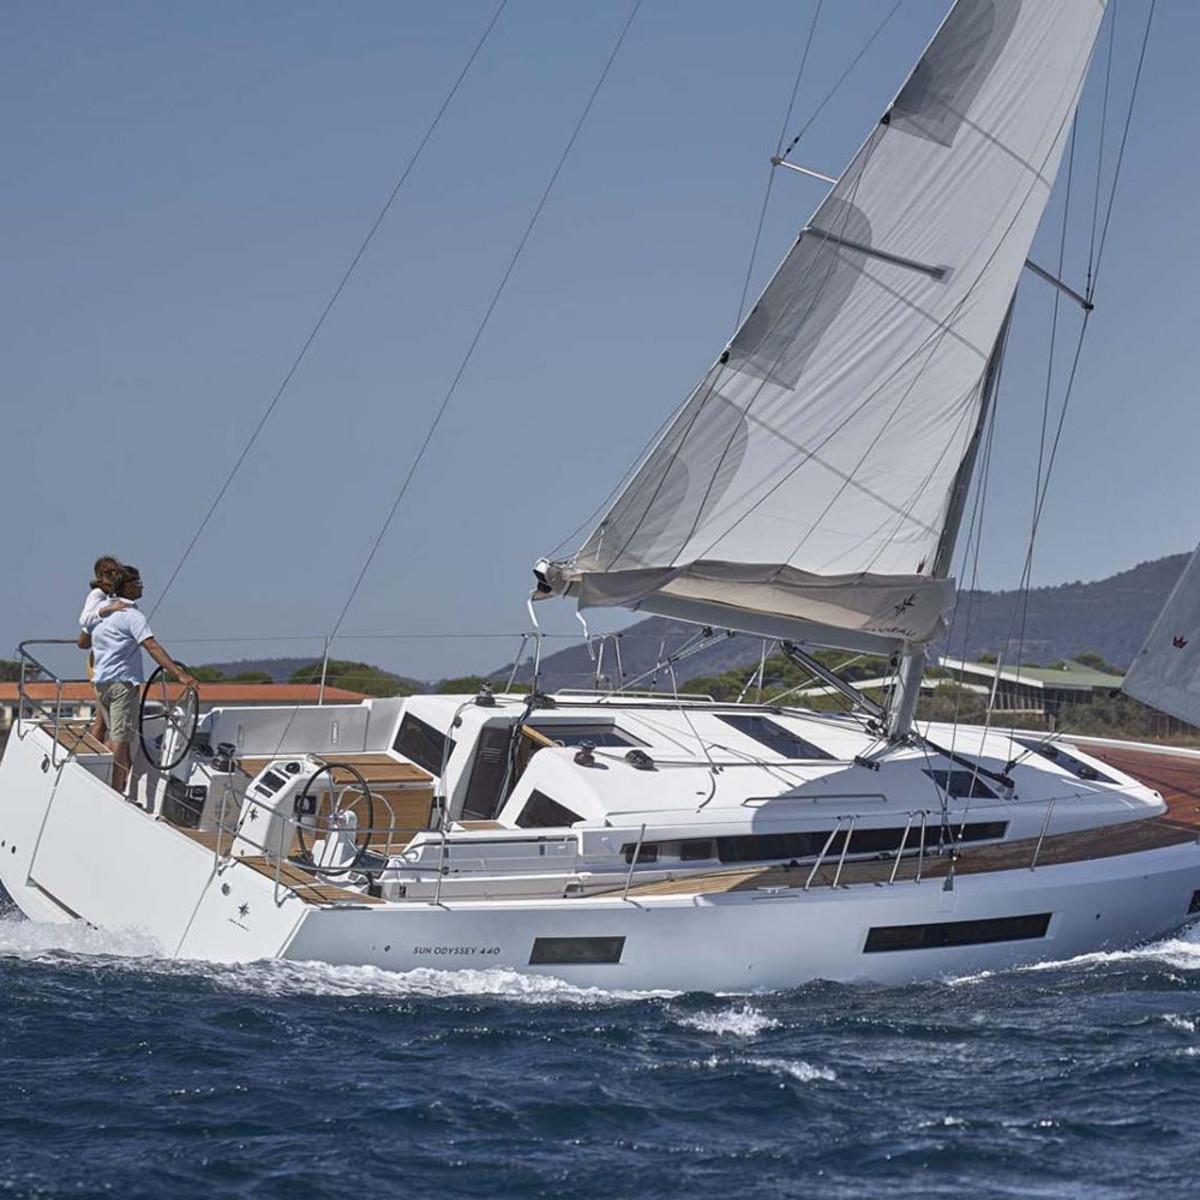 The Jeanneau Sun Odyssey 440